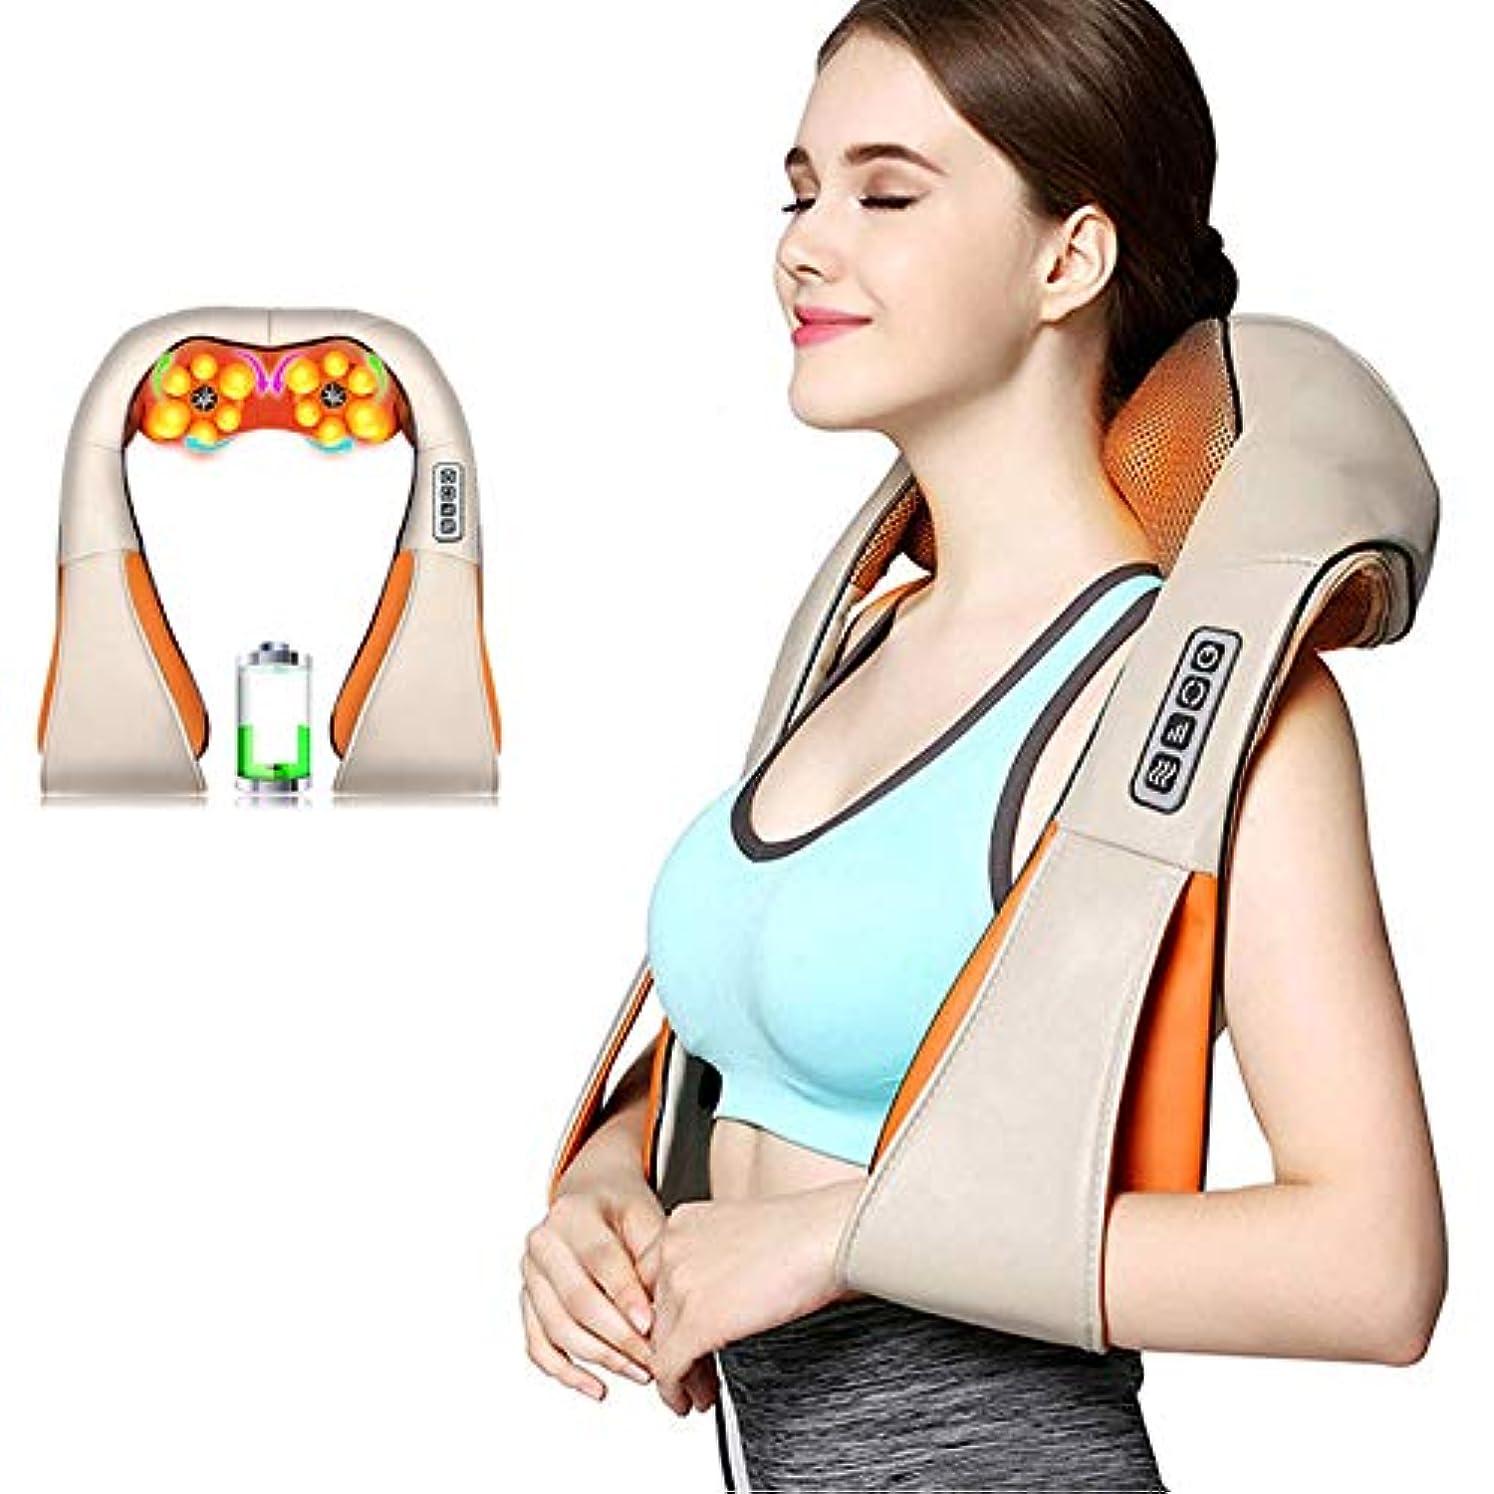 国歌海岸パイ指圧肩マッサージャー電動背中マッサージ、首、背中、肩、足、足、体の筋肉の痛みの緩和